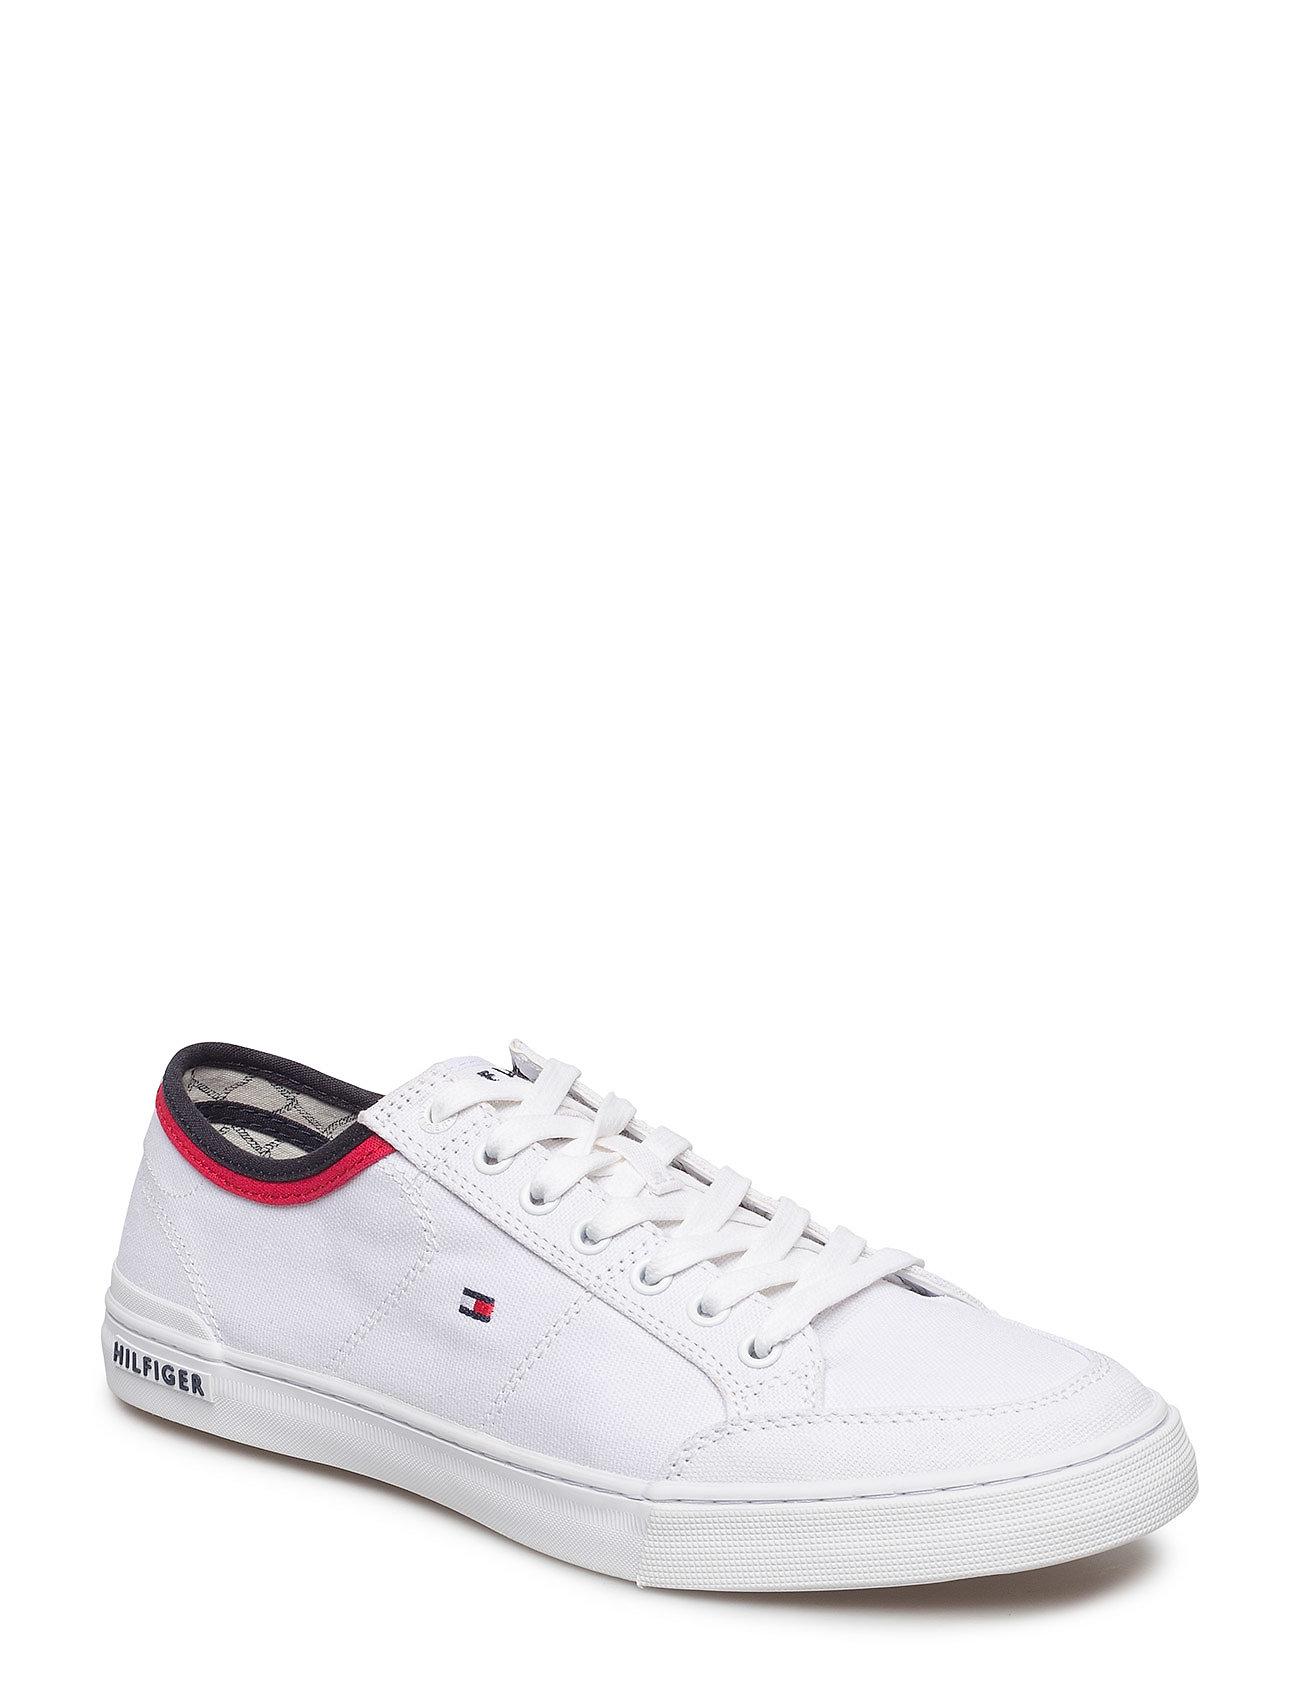 e546a4c80a33 Tommy Hilfiger sneakers – Harrington 5 til herre i Hvid - Pashion.dk